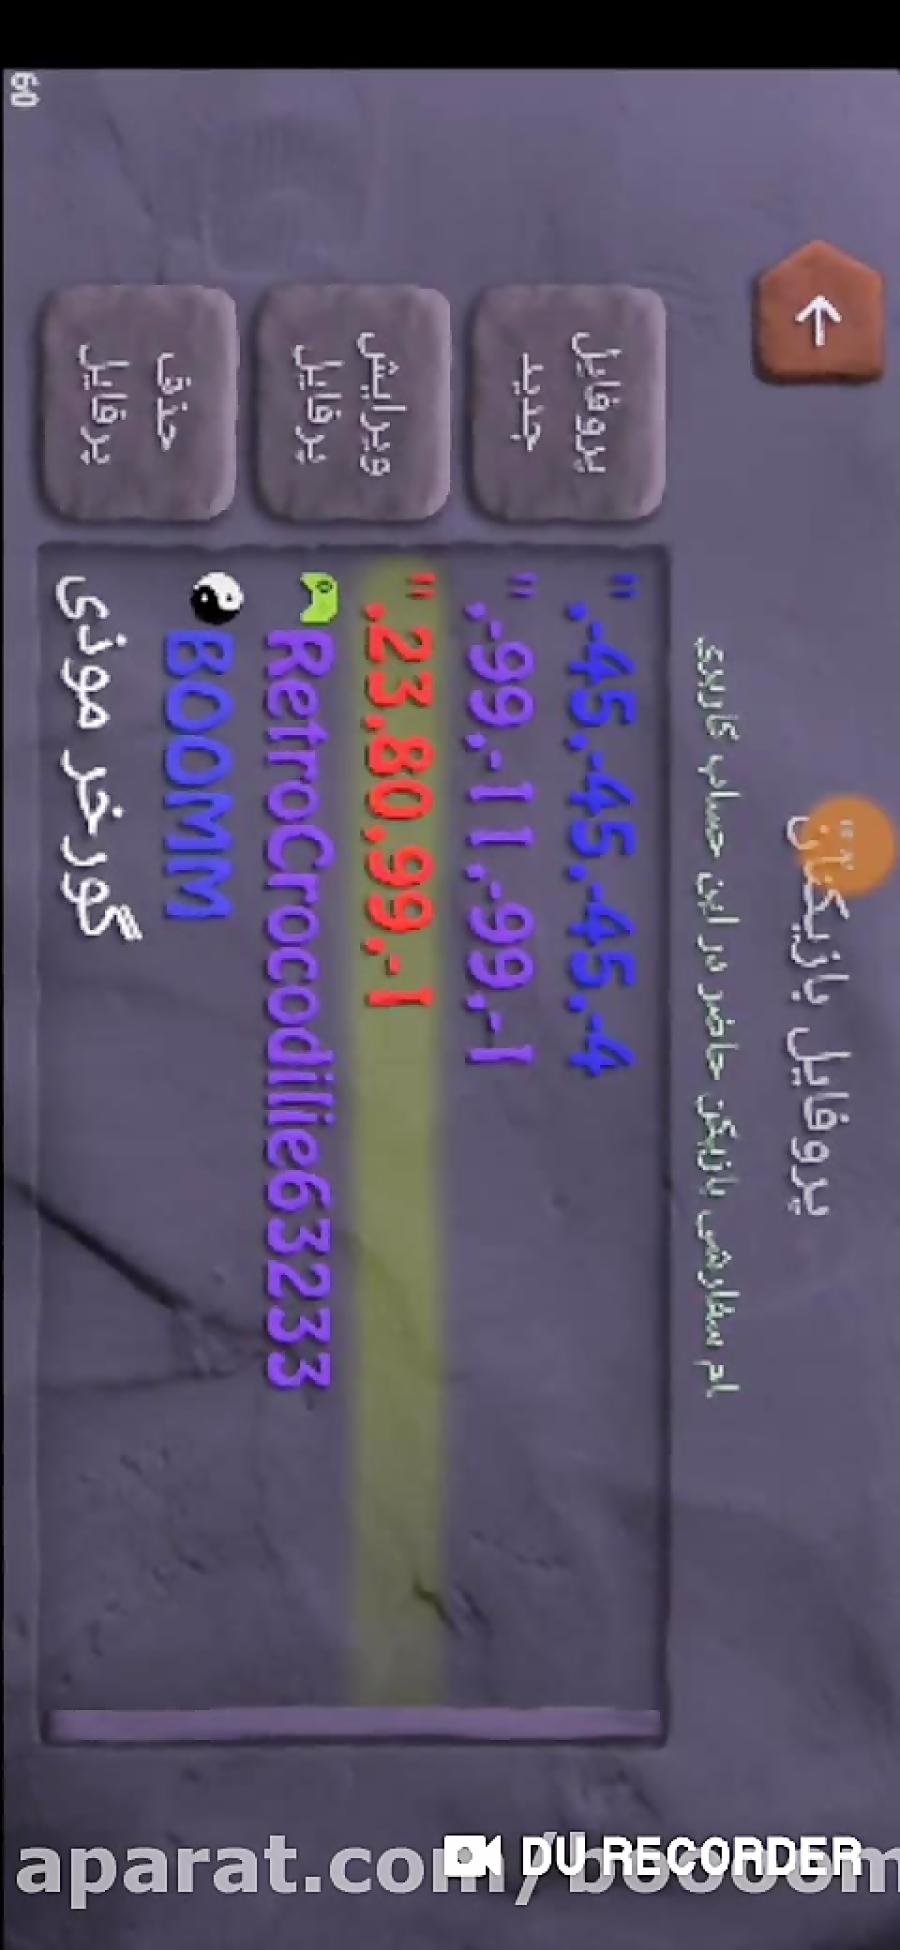 کد رنگی شد در بمب اسکواد با همراه شخصی سازی کد